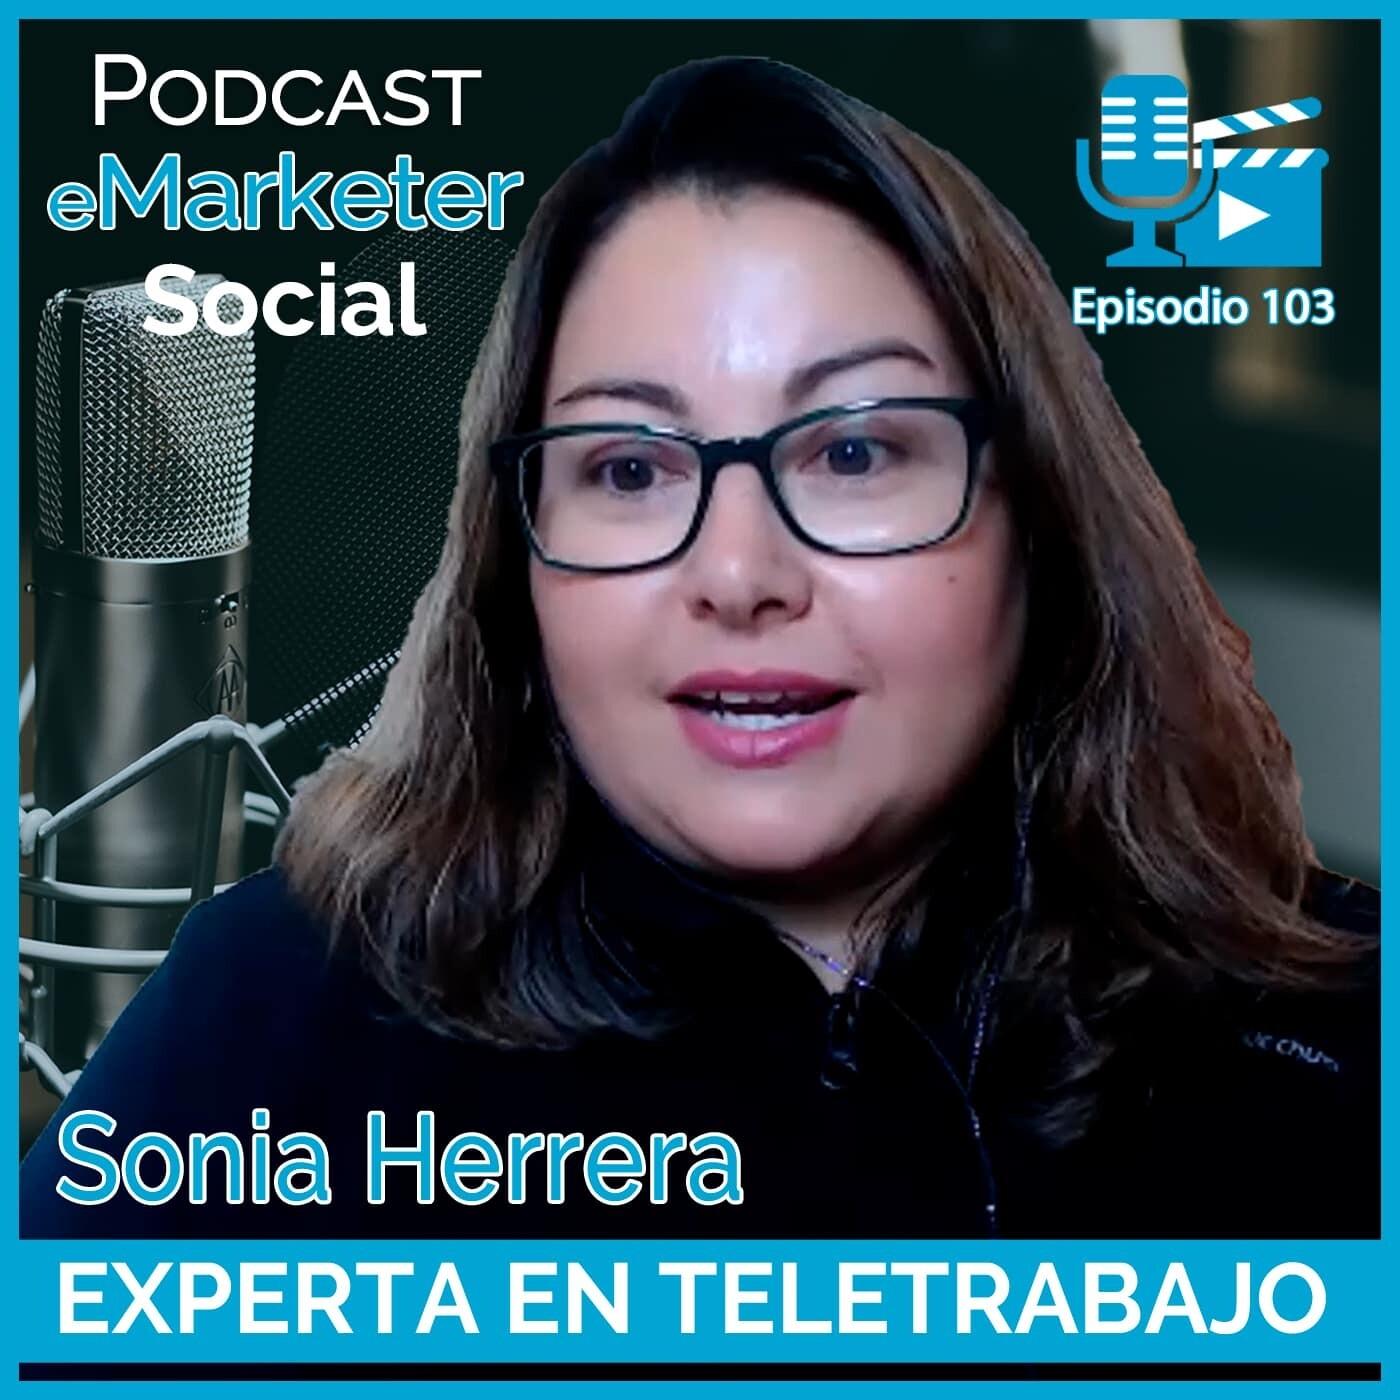 103 Sonia Herrera experta en teletrabajo en Podcast eMarketerSocial